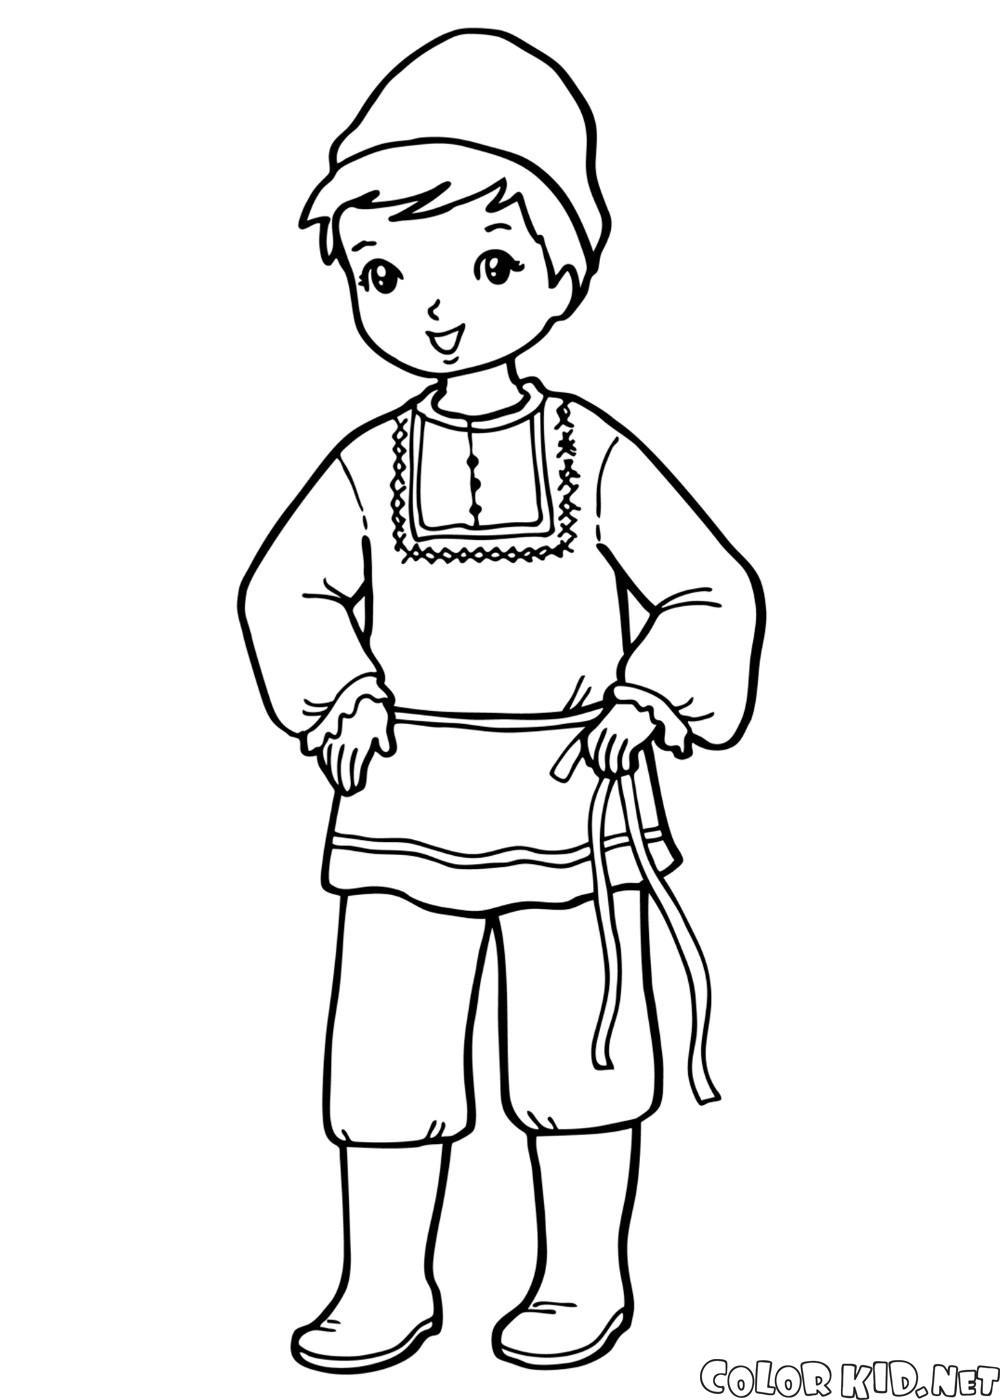 民族服裝的男孩